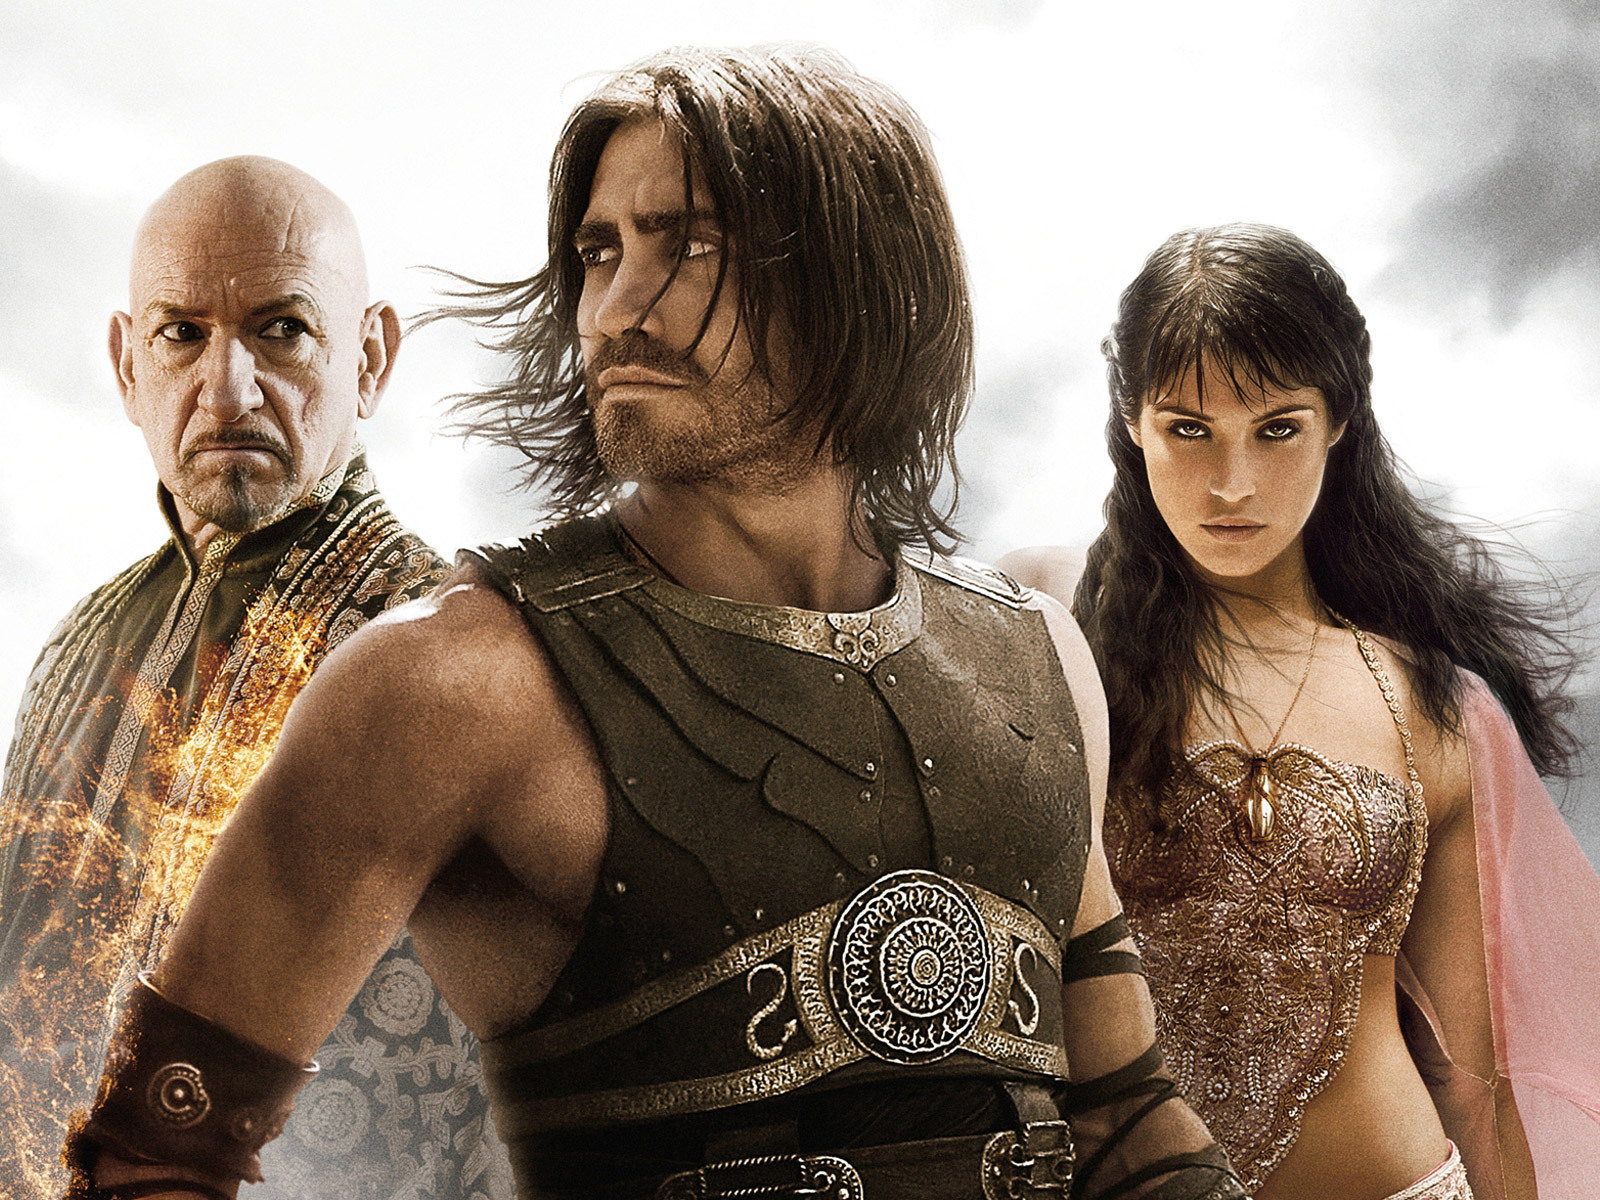 prince of persia sands of time دانلود فیلم prince of persia: the sands of time 2010 ،در فیلم شاهزاده ایرانی: شن های زمان داستان در قرن شم و در.